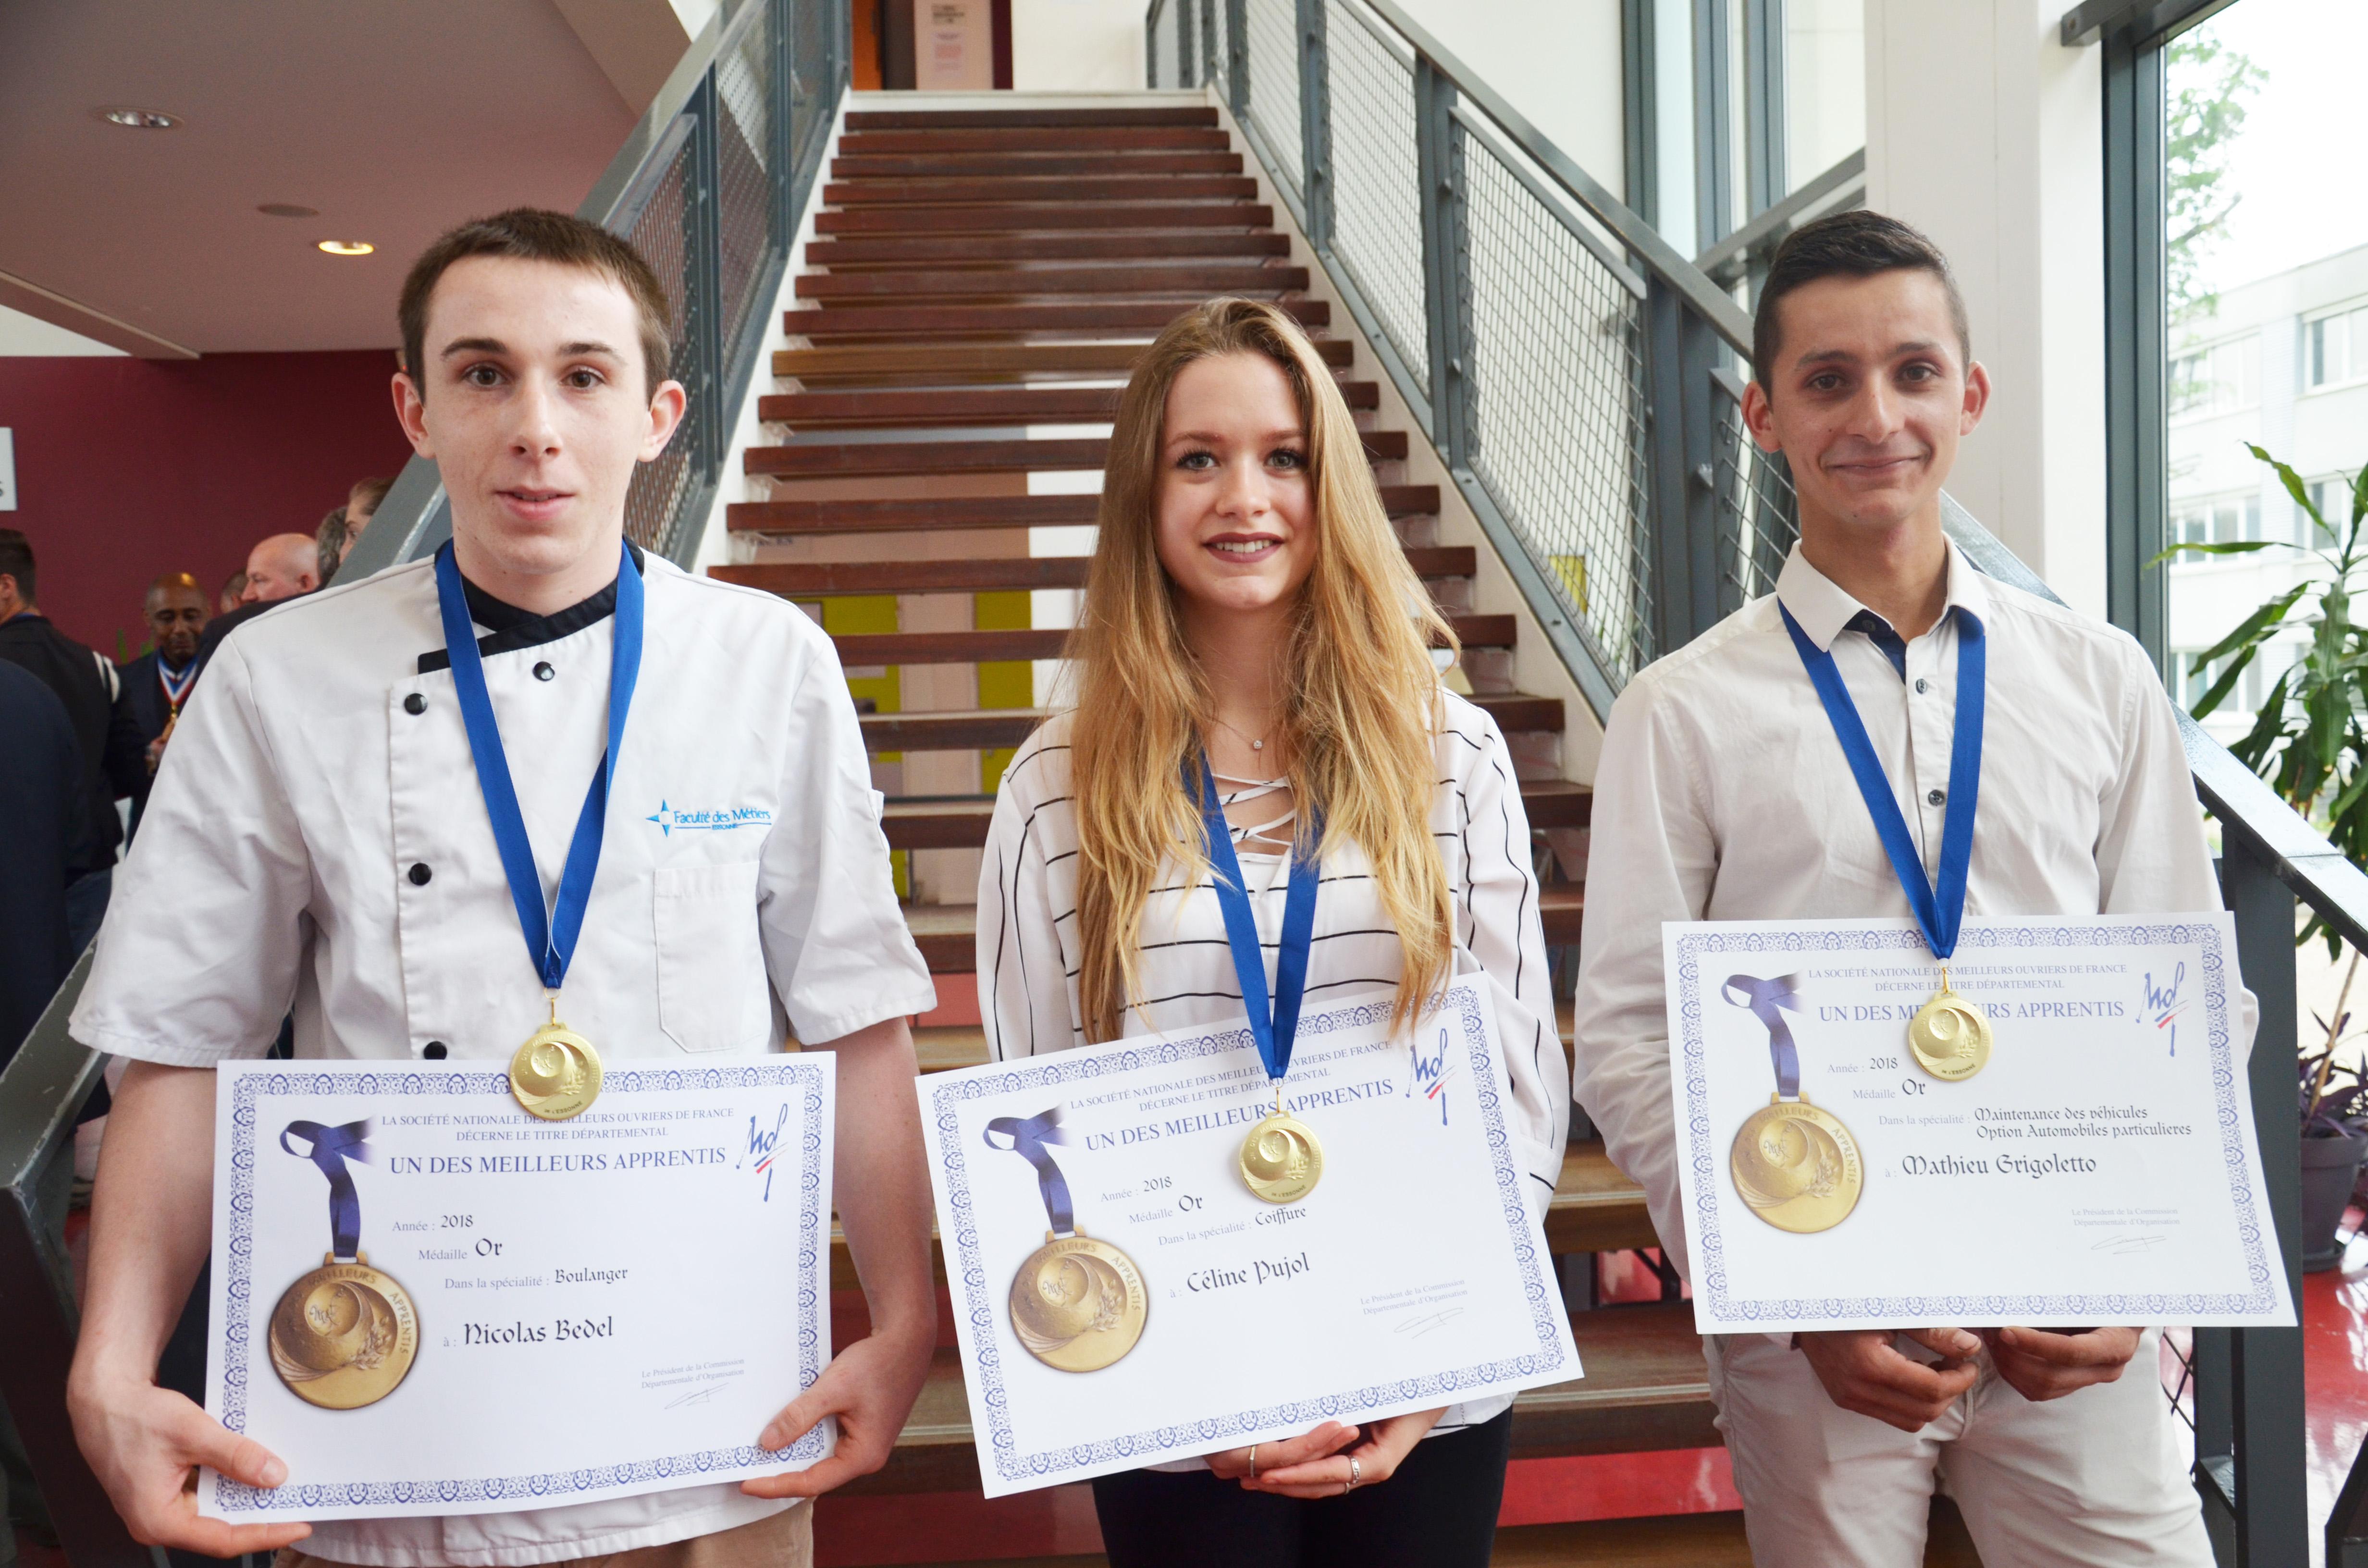 Concours MAF : trois apprentis de la FDME accèdent aux finales nationales